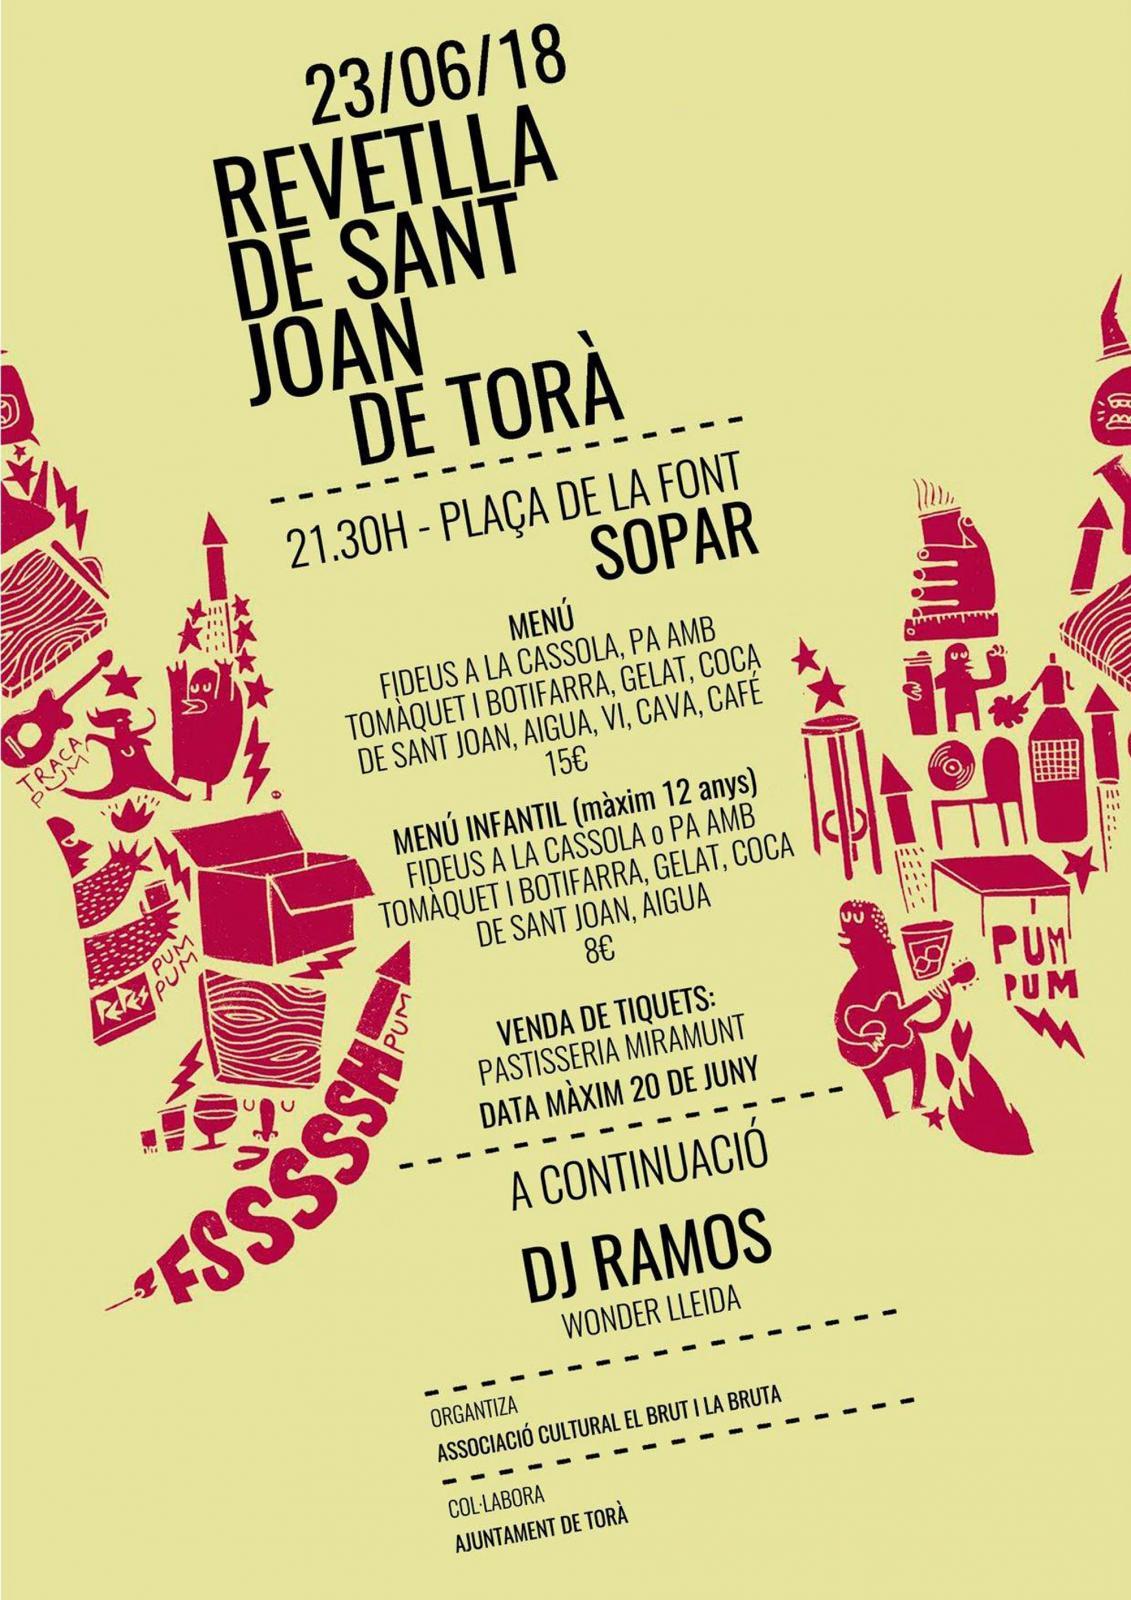 Revetlla de Sant Joan a Torà